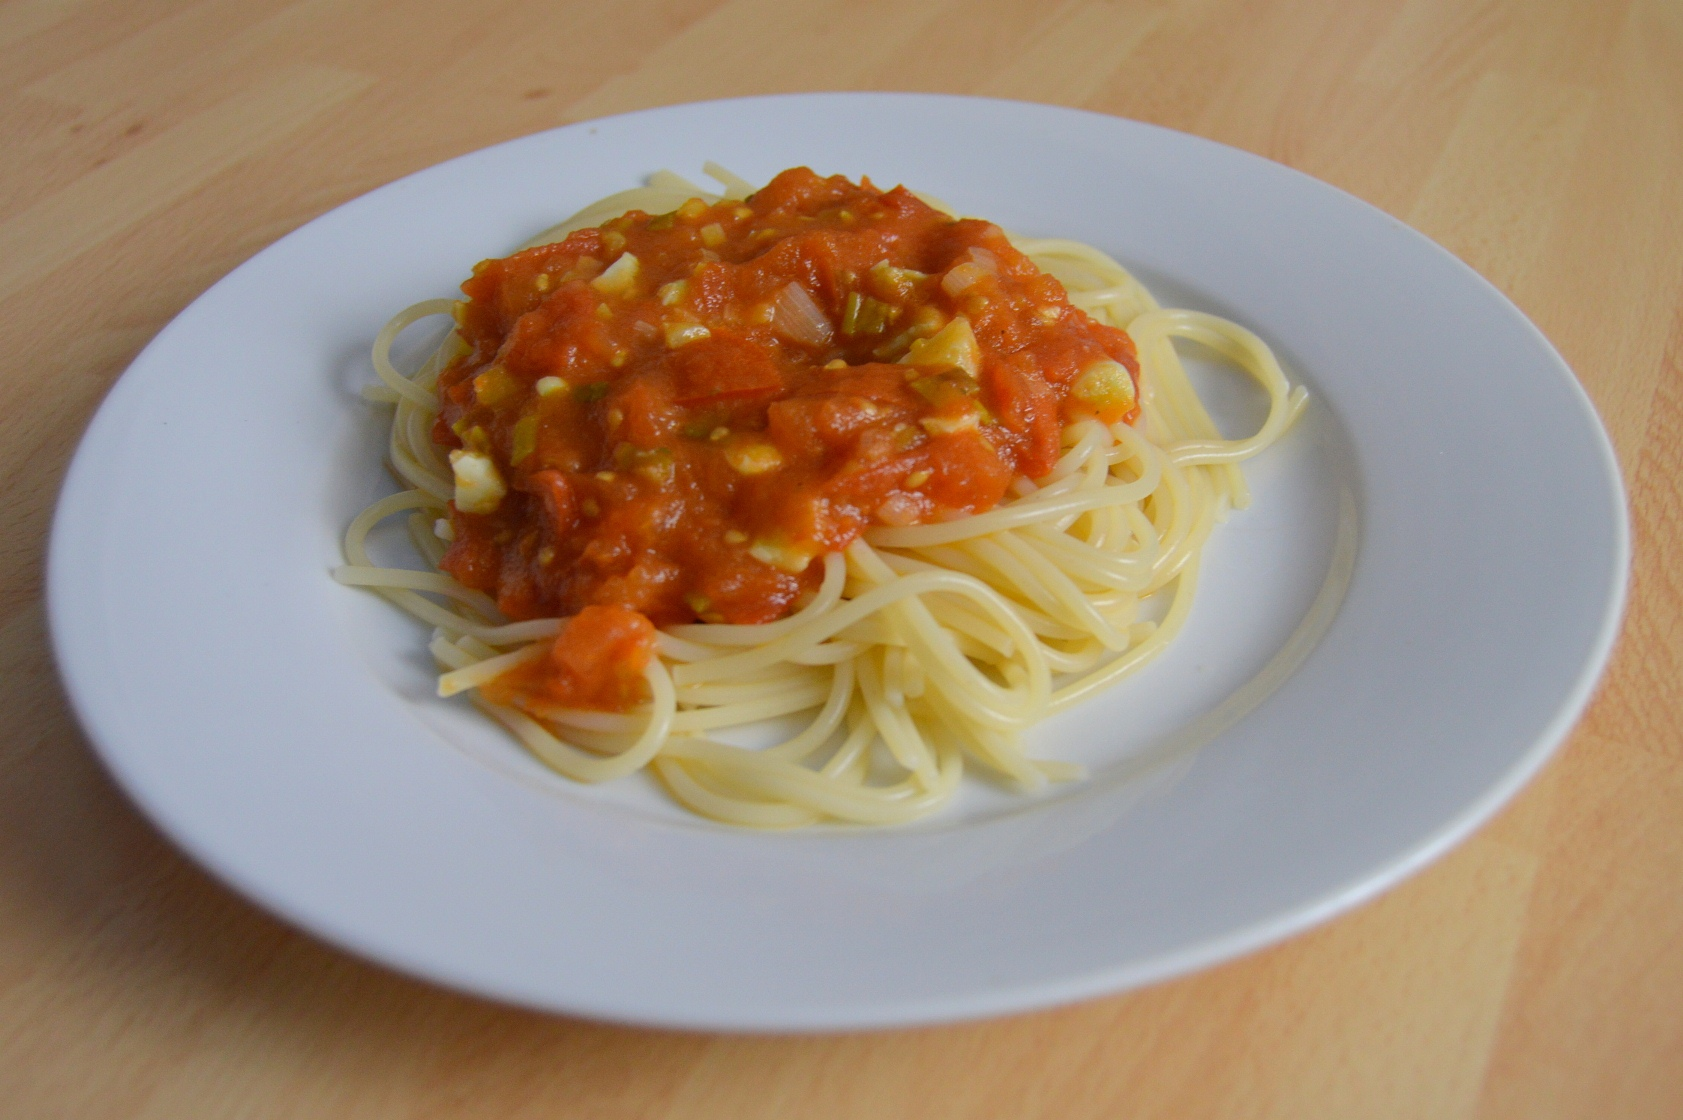 Fotografie receptu: Jednoduchá rajčatová omáčka na špagety